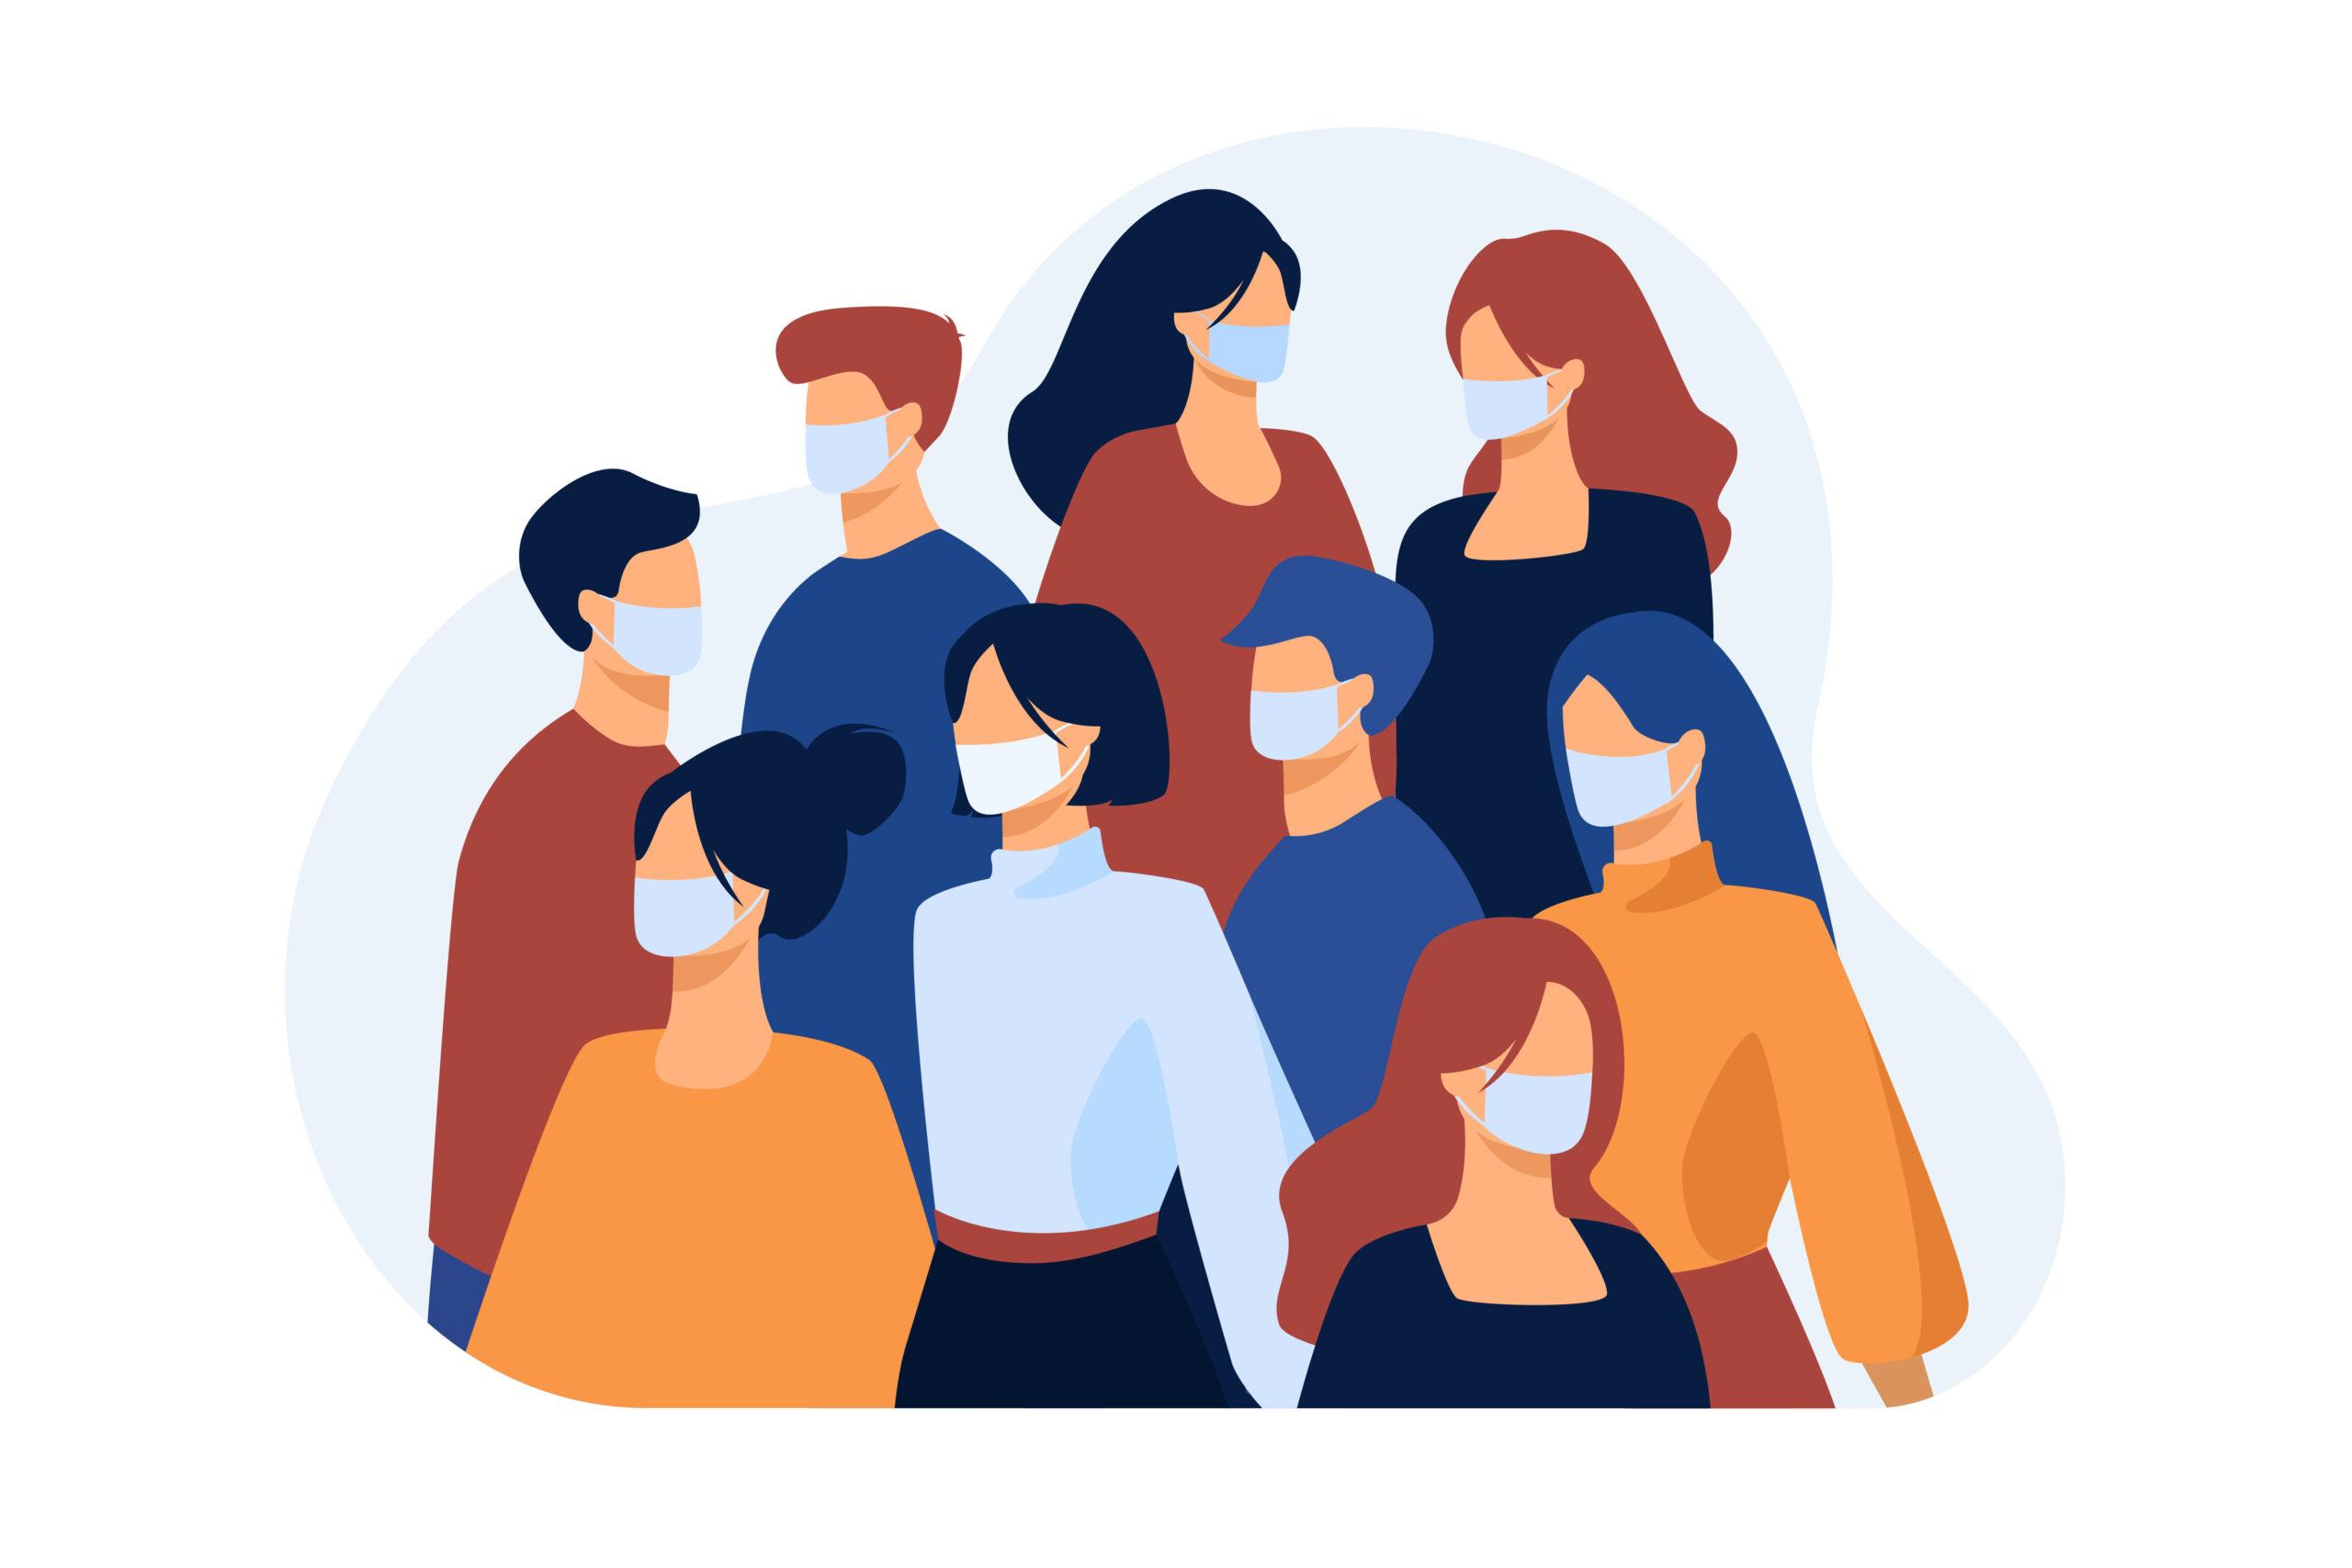 Covid-19 : comment gérer un potentiel cluster dans votre entreprise ?